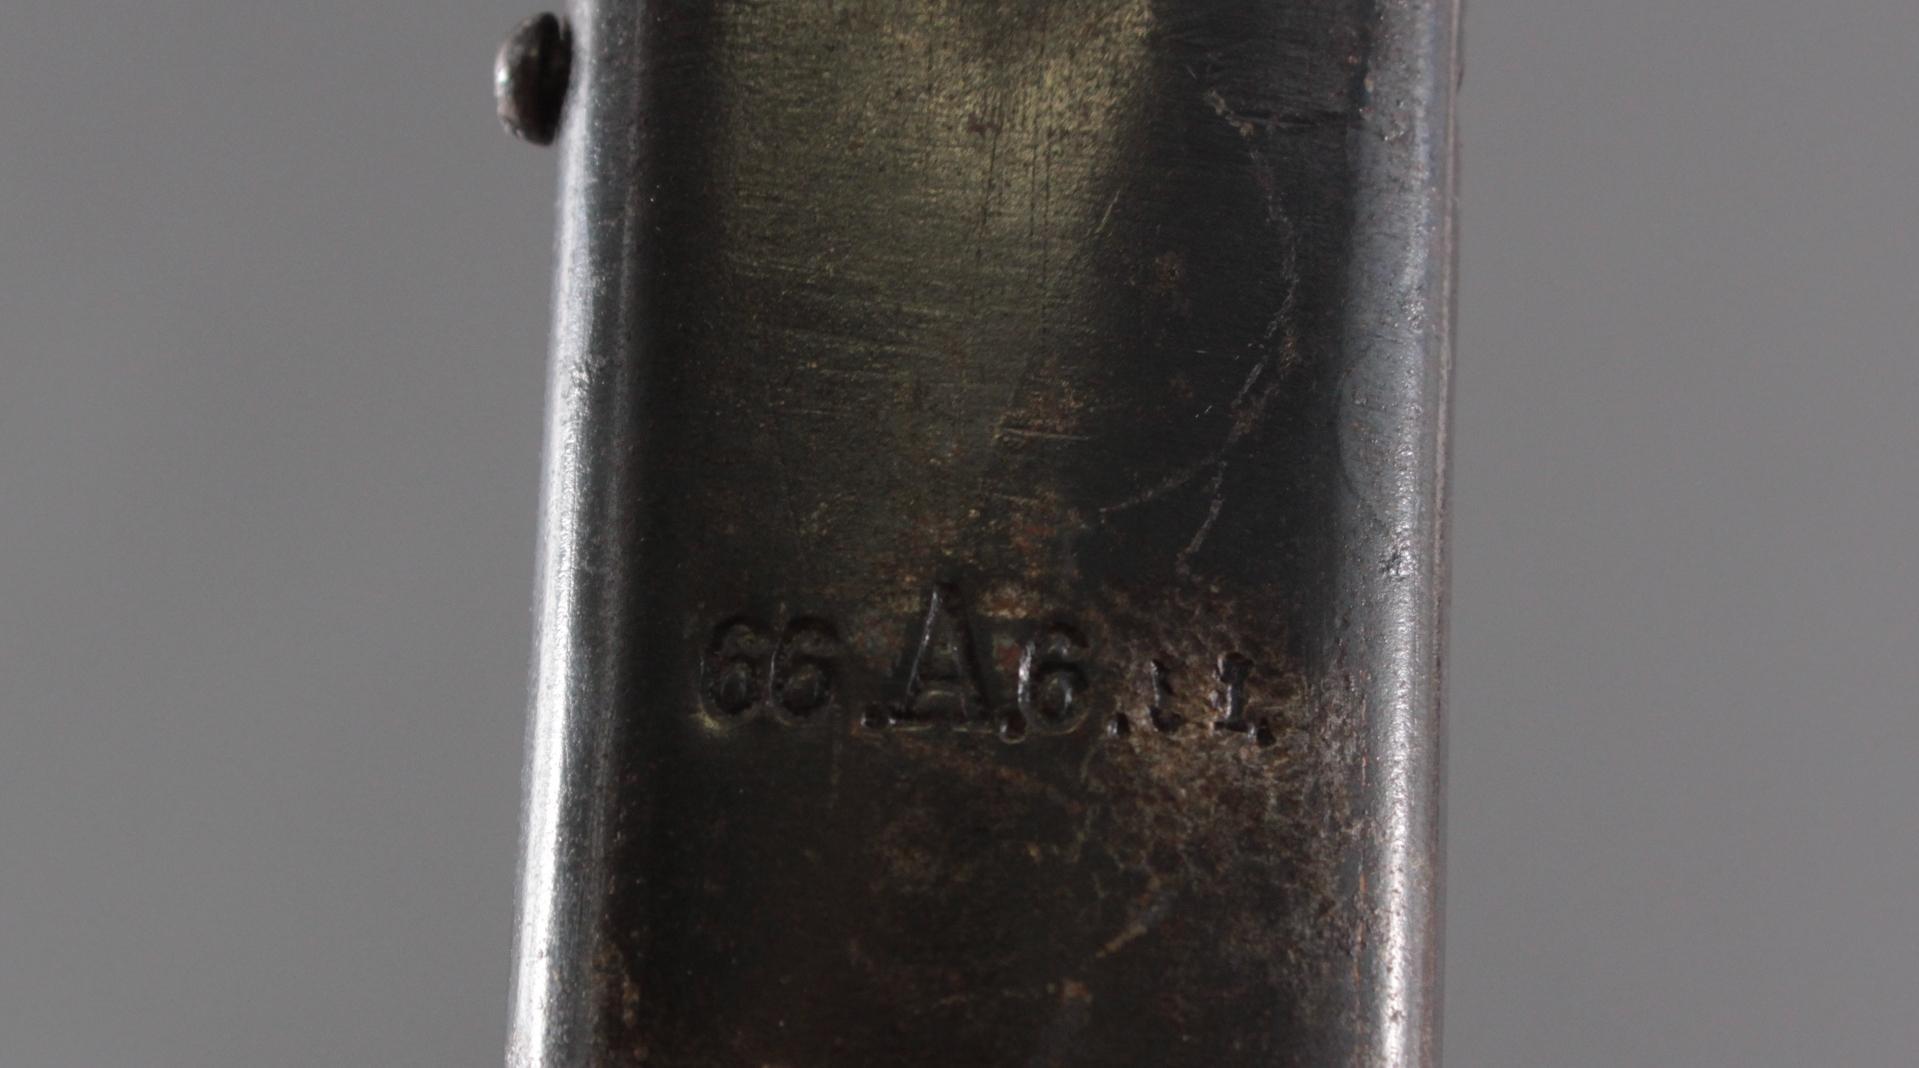 Löwenkopf Offizierssäbel um 1900-5